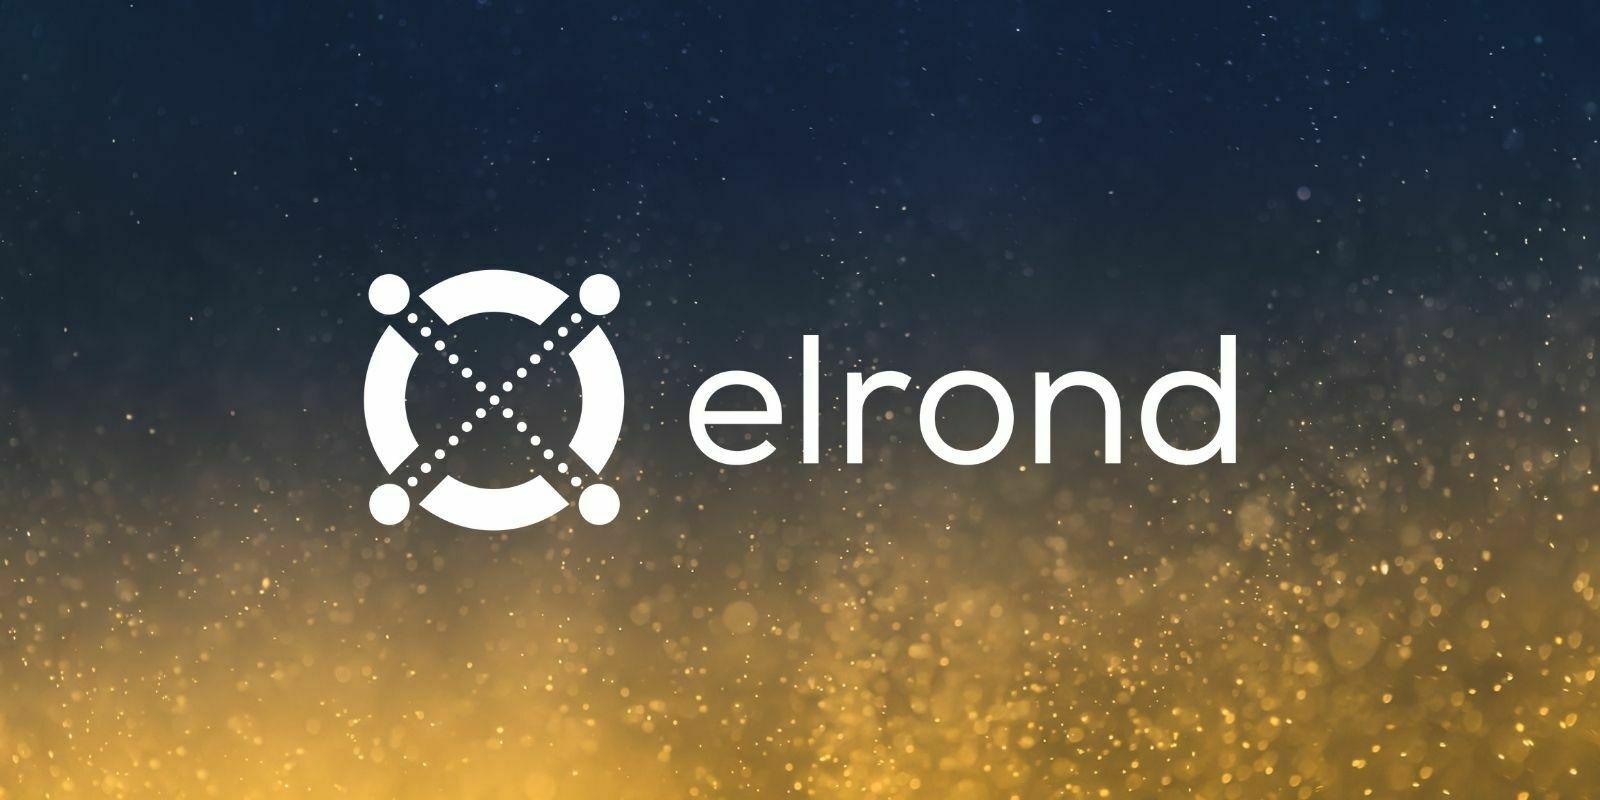 L'eGold (EGLD) du projet Elrond débarque sur la plateforme eToroX